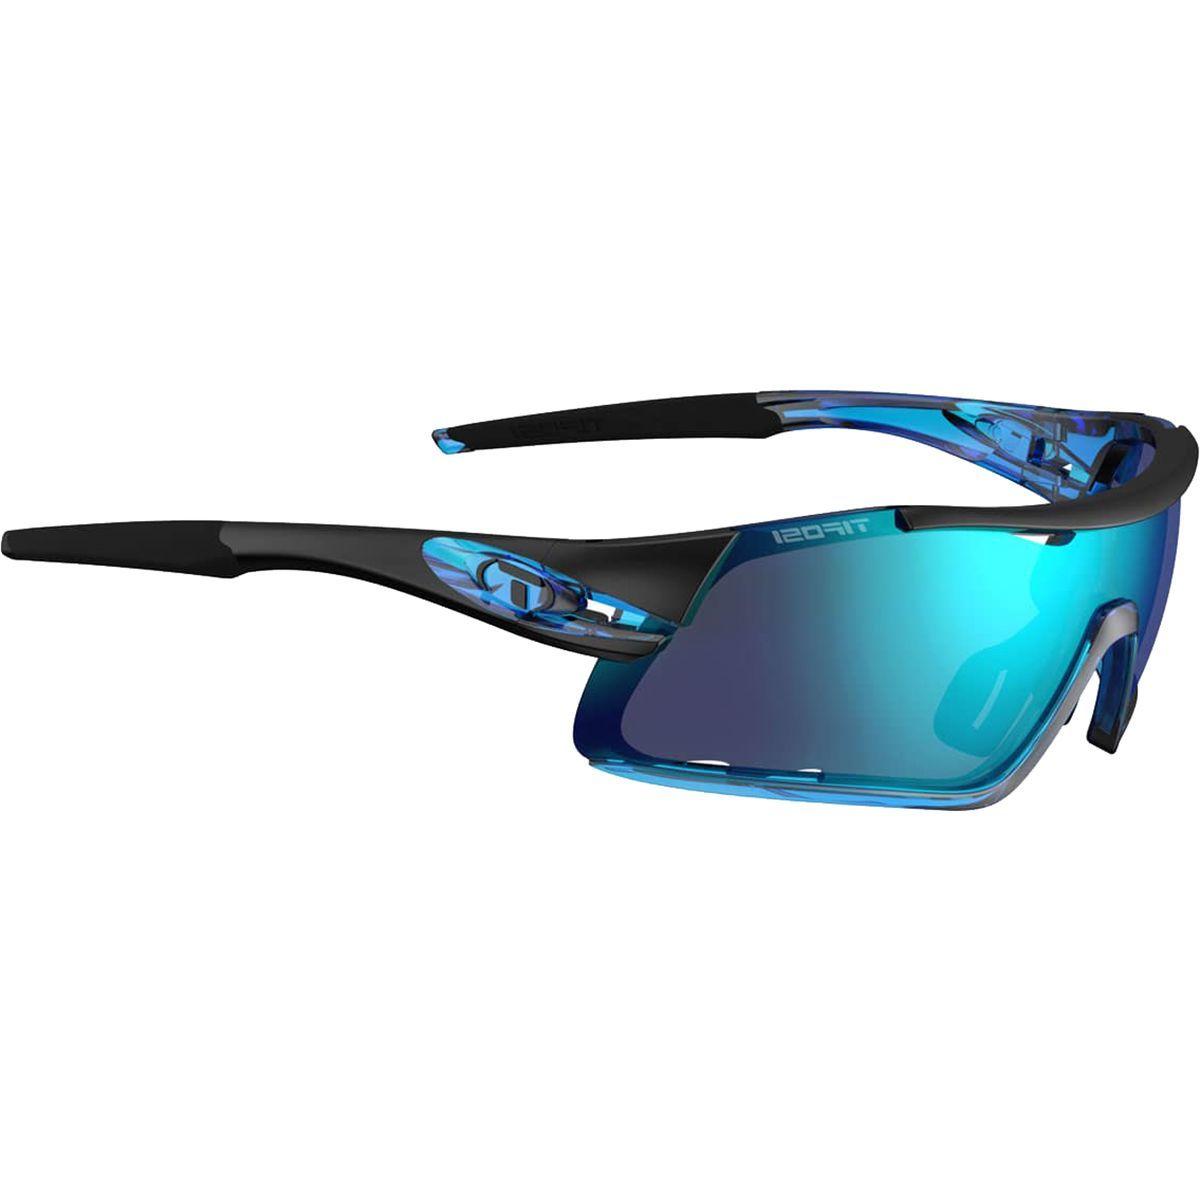 Tifosi Optics Davos Sunglasses - Men's